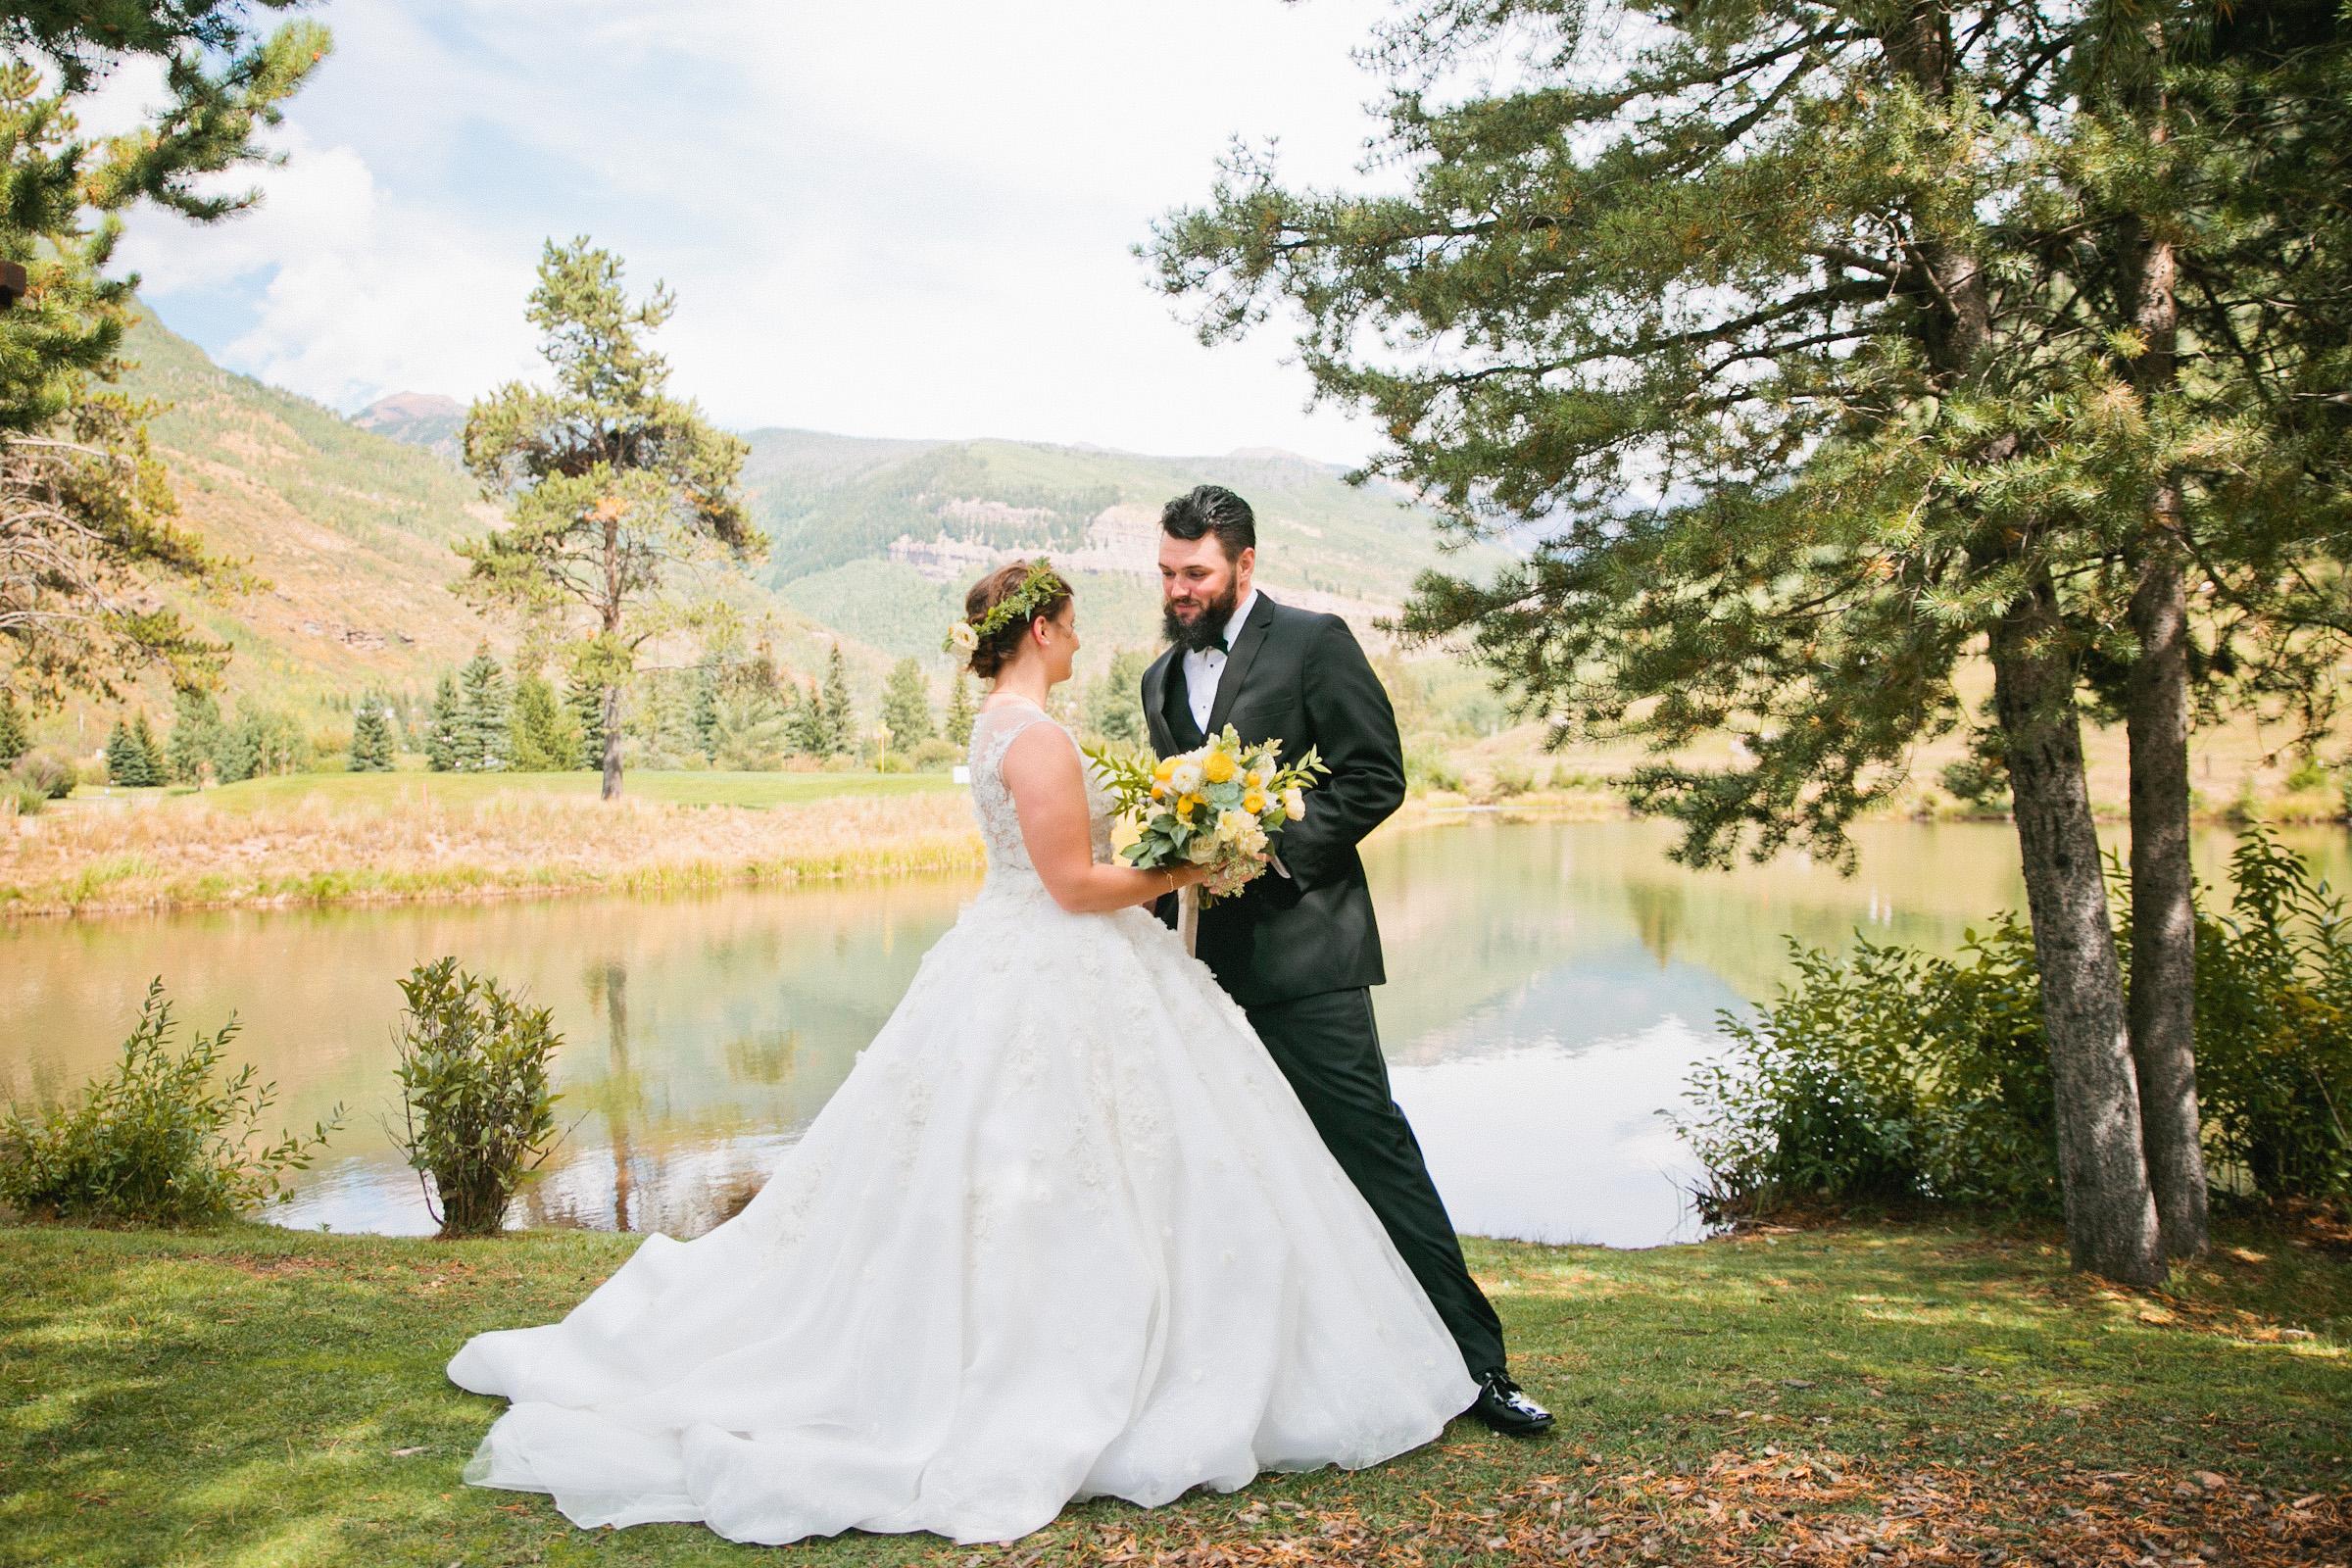 wedding by a mountain lake in colorado wedding photos